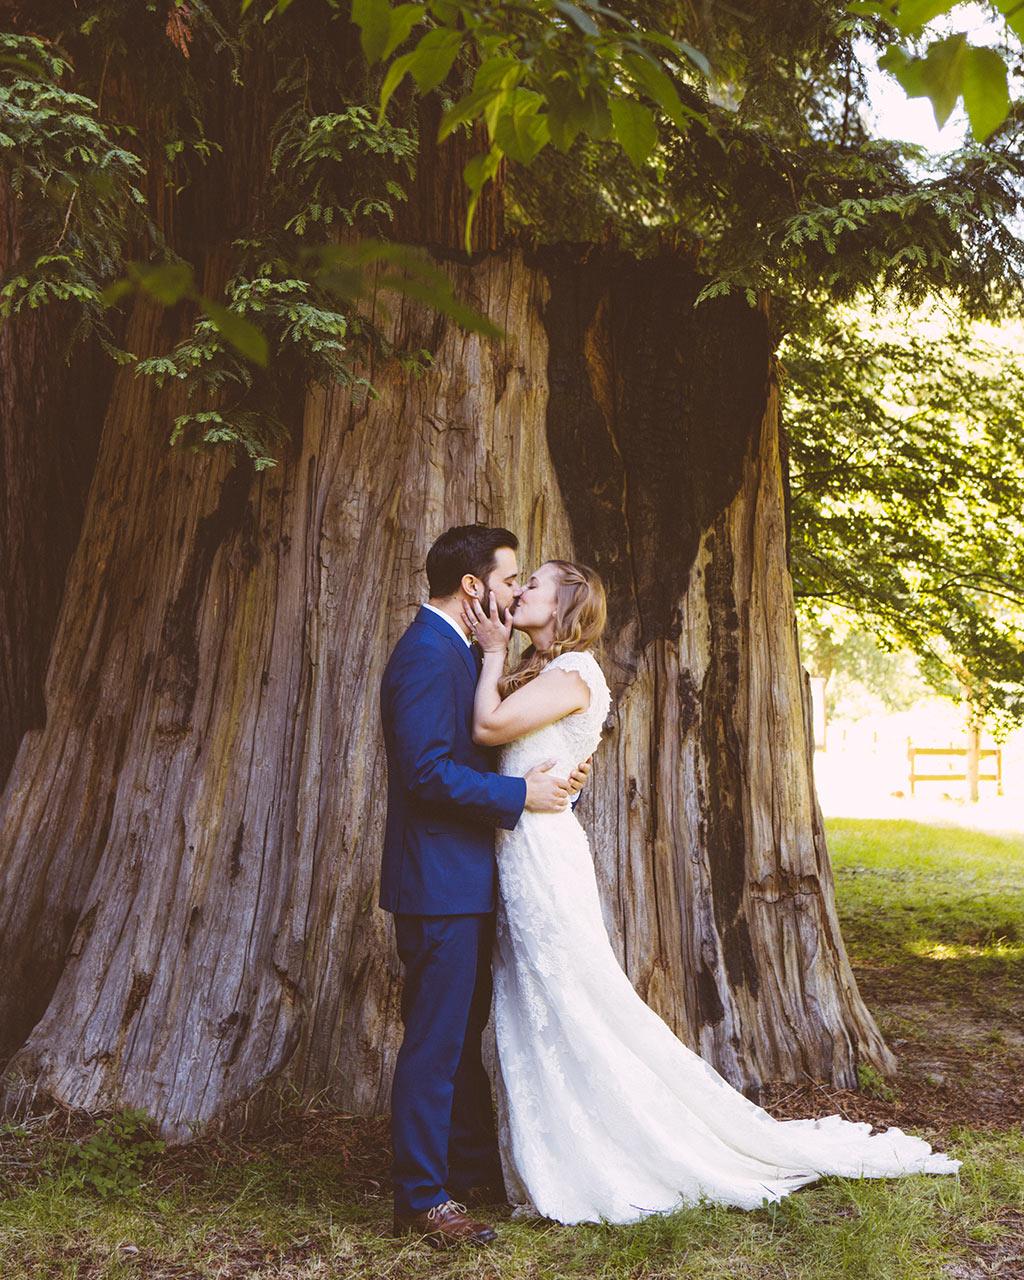 boda en un bosque de sequoias california